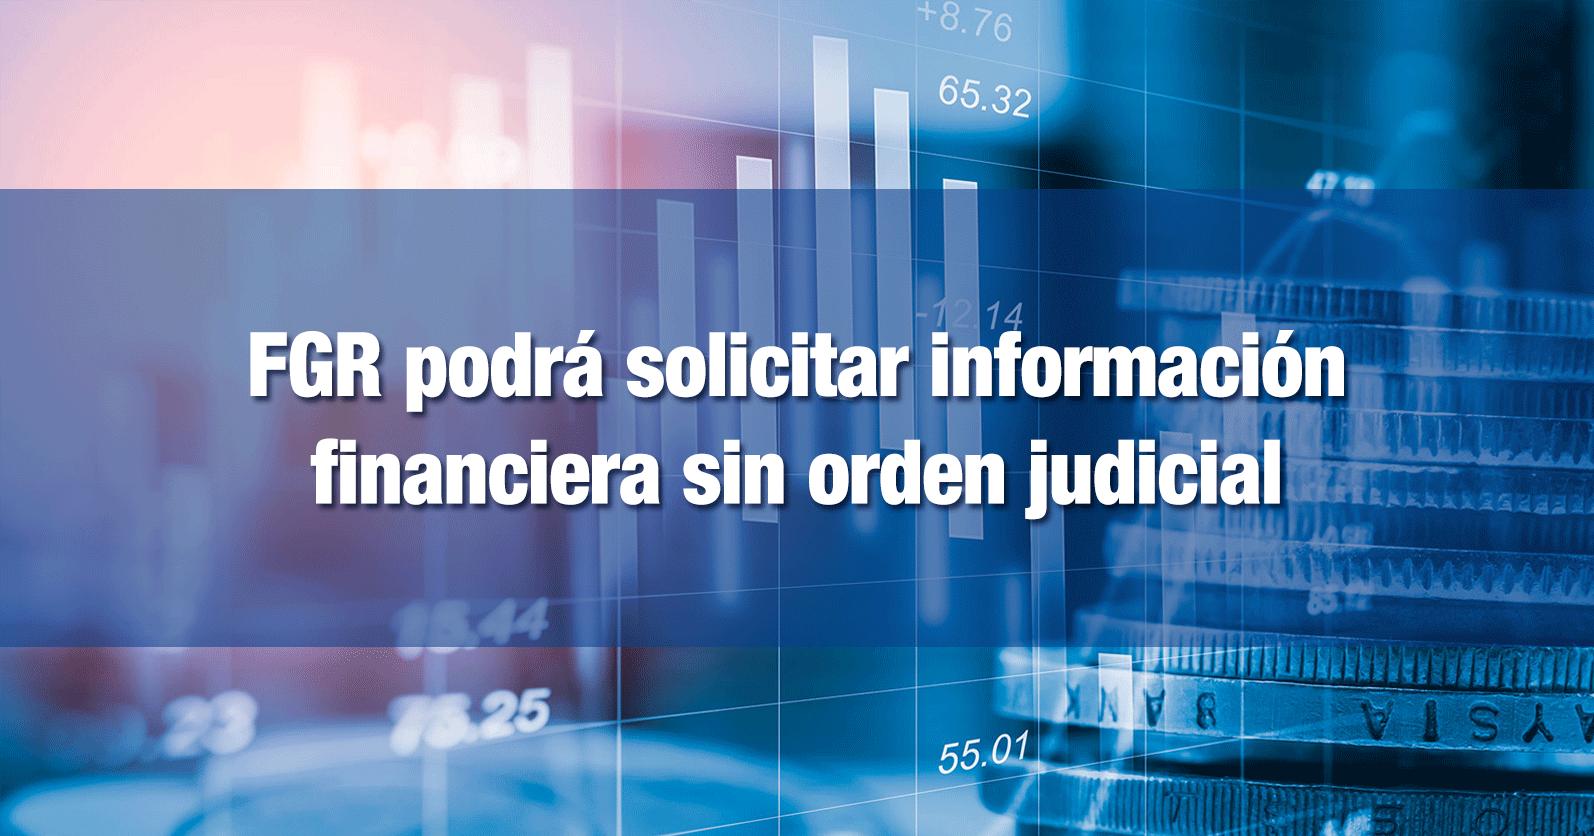 FGR podrá solicitar información financiera sin orden judicial